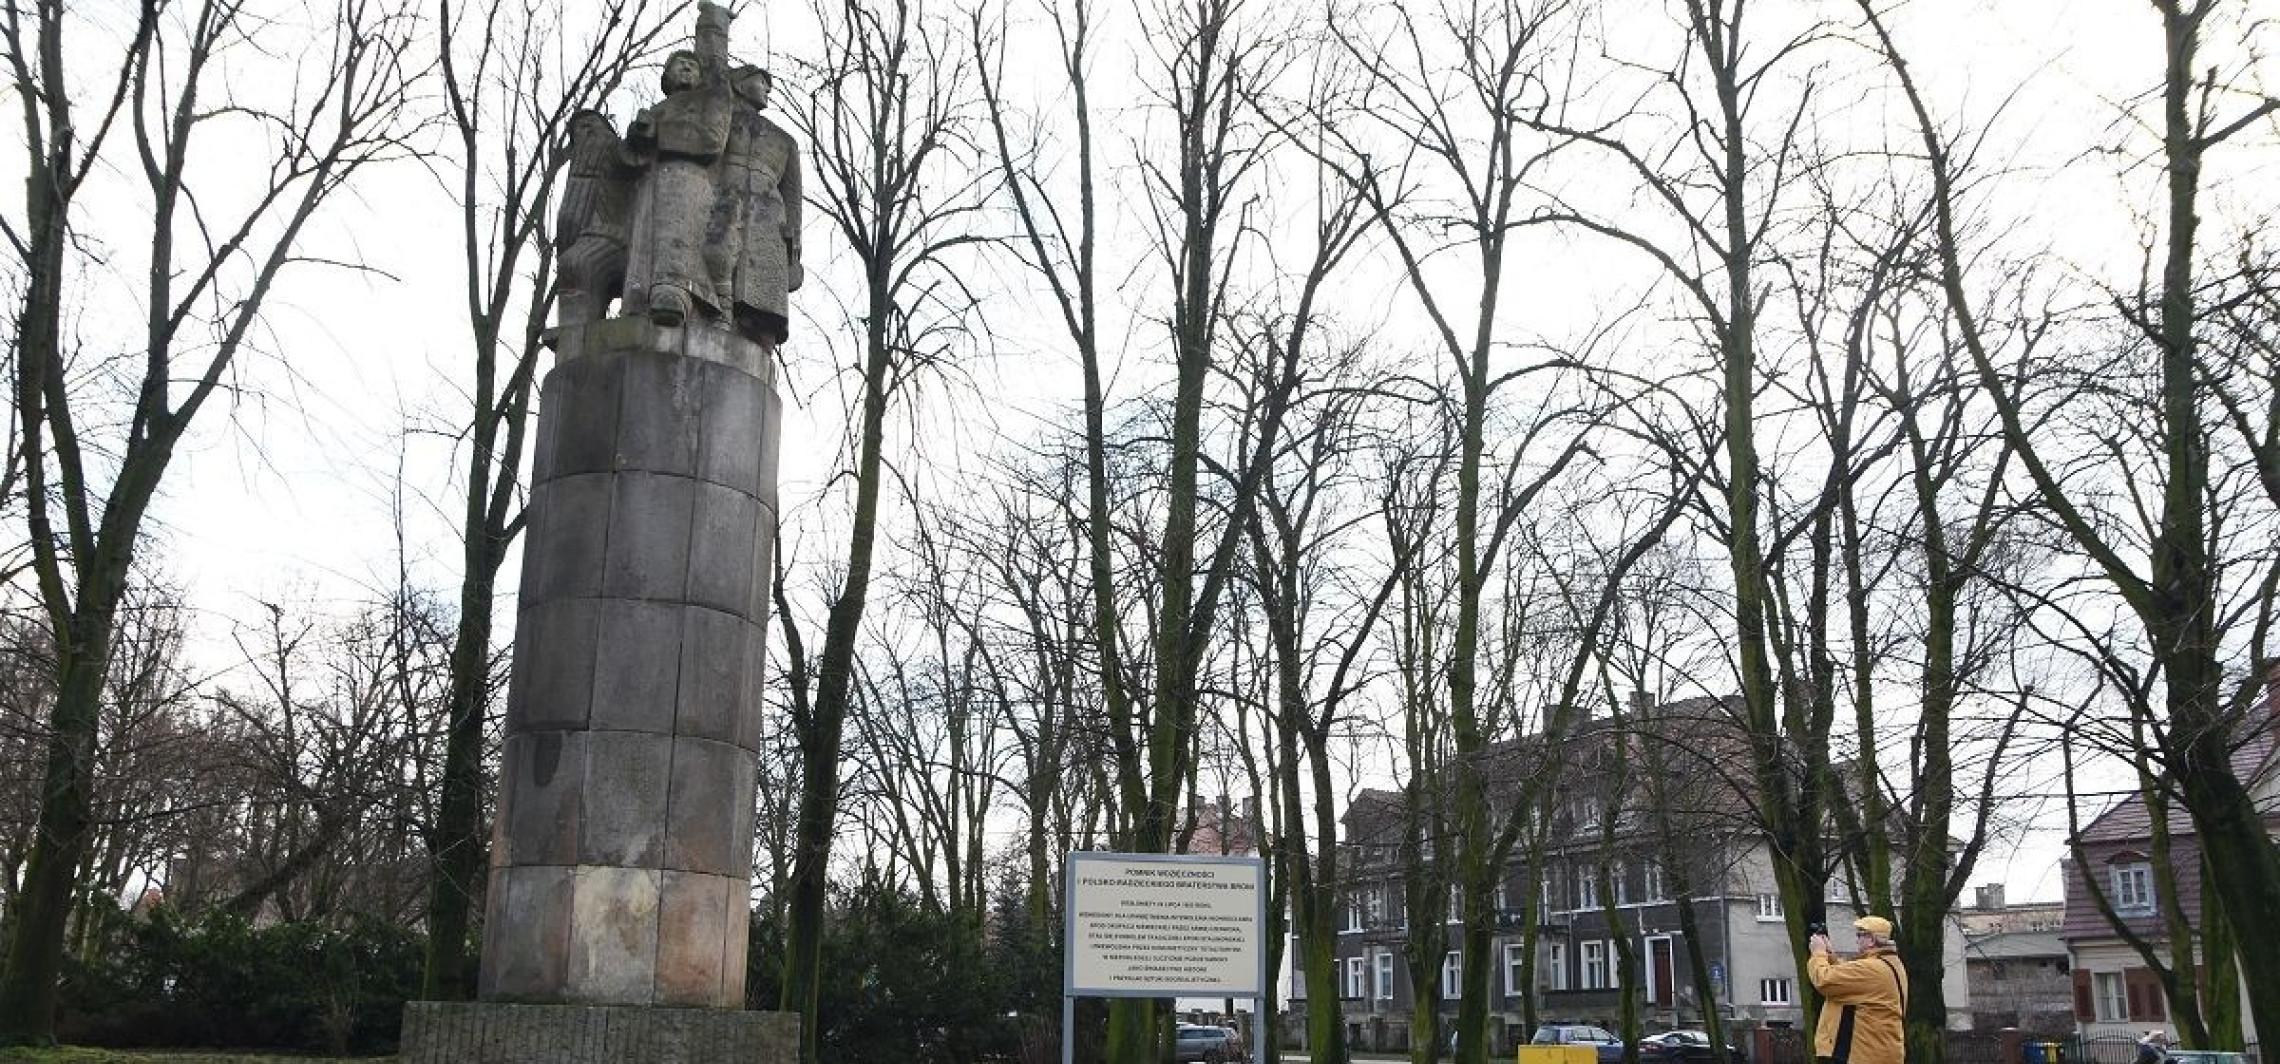 Inowrocław - 22 lipca odsłonięto pomnik, którego już nie ma